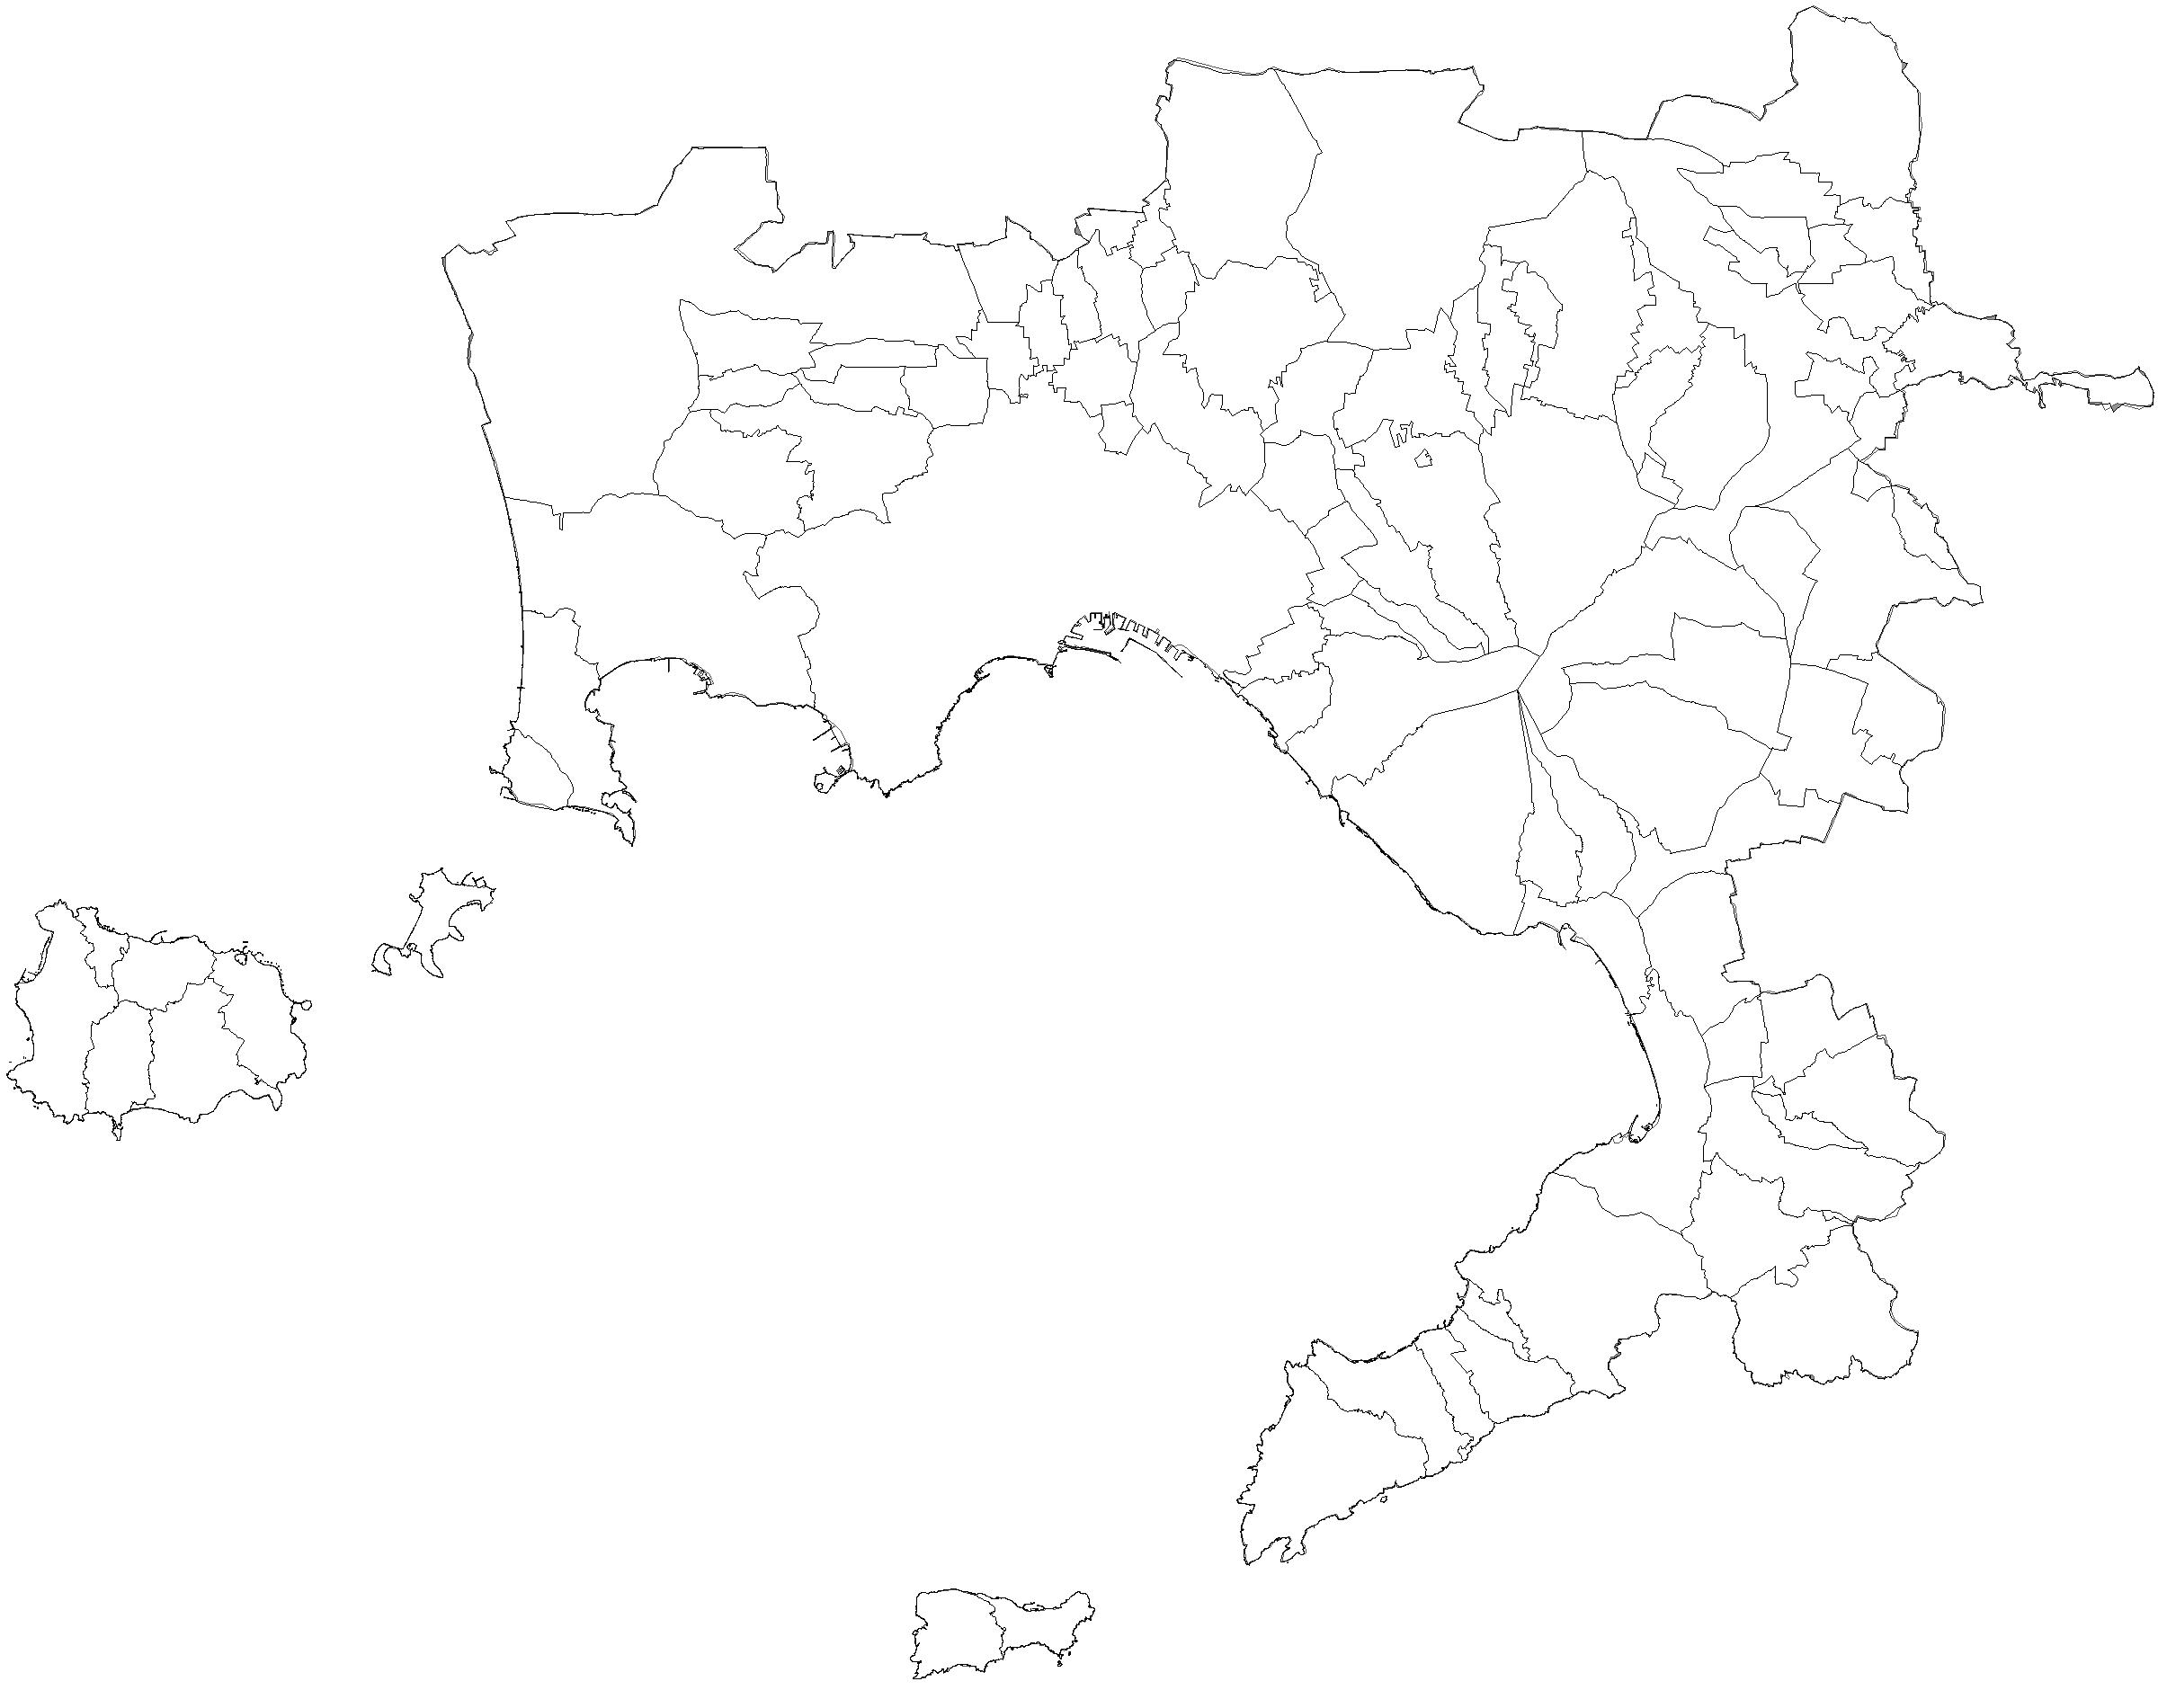 Provincia Di Napoli Cartina.File Provincia Di Napoli Png Wikimedia Commons